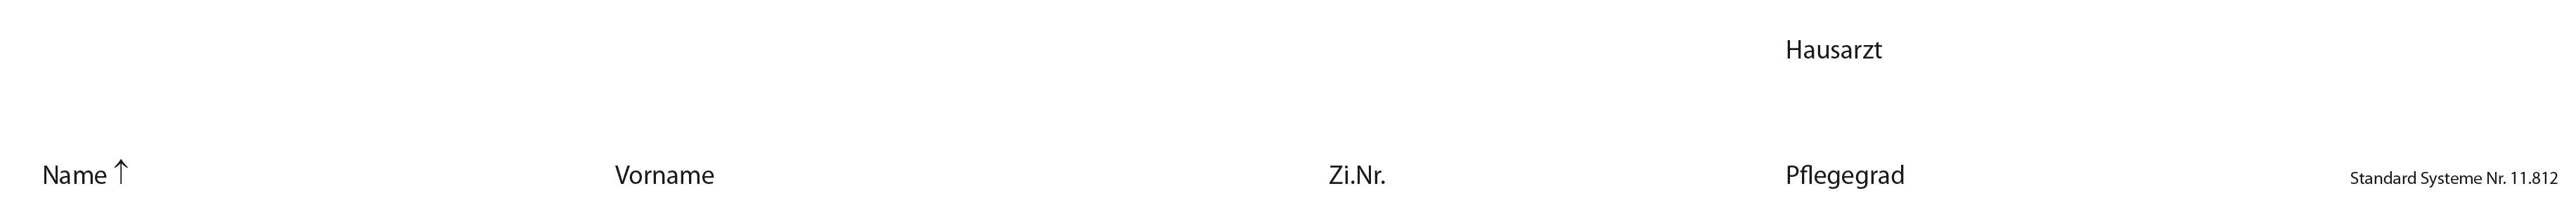 """1181X Namensstreifen für ED/HT """"Name/Vorname/Zi.-Nr./Pflegegrad/Hausarzt"""""""